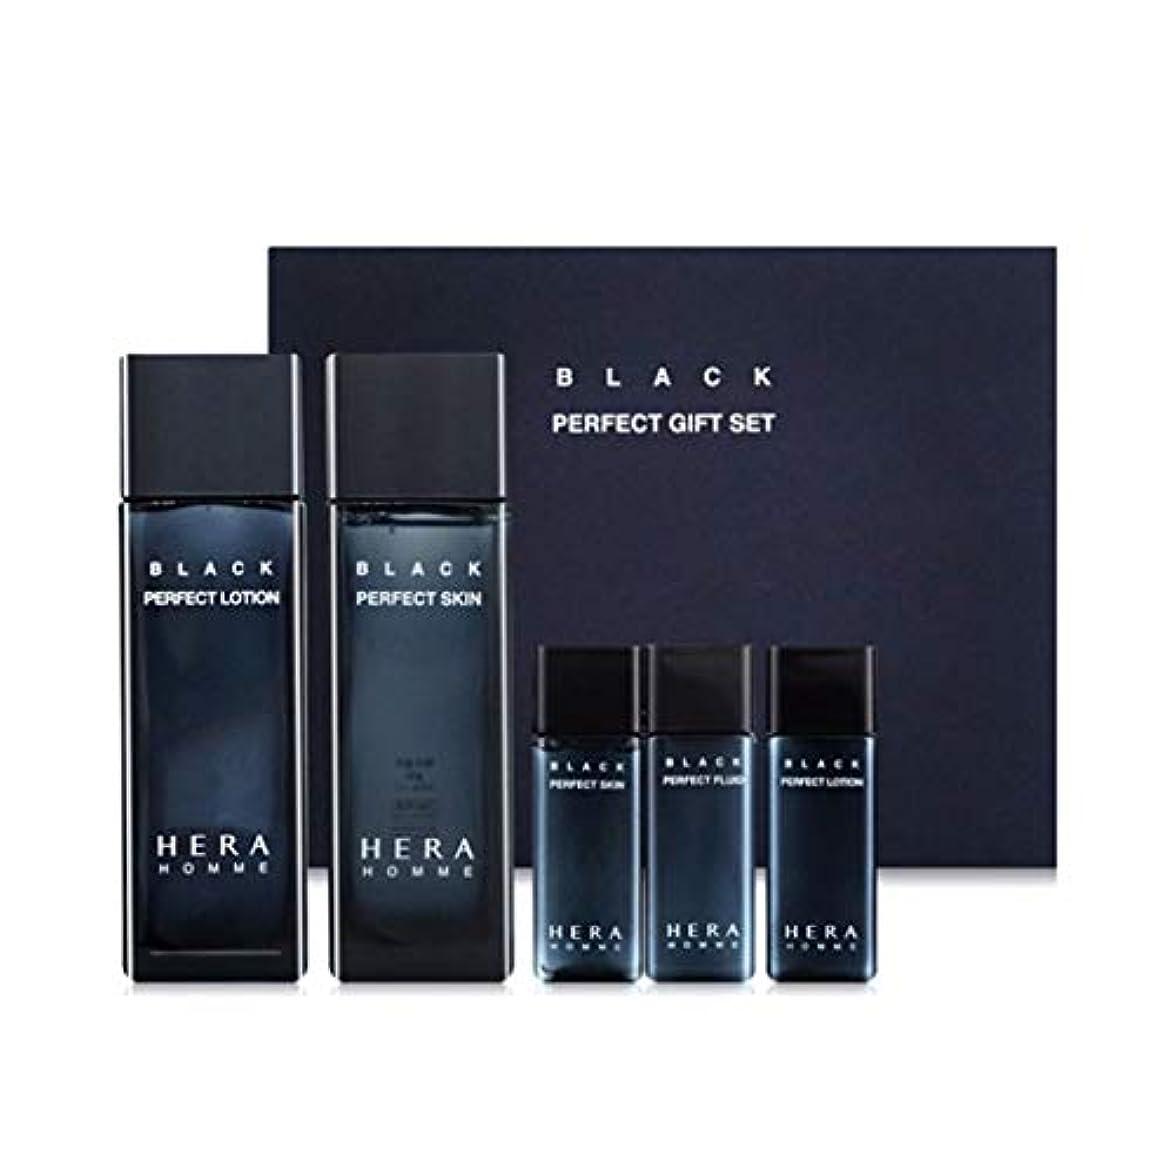 姉妹ペンス属性ヘラオムブラックパーフェクトスキンローションセットメンズコスメ韓国コスメ、Hera Homme Black Perfect Skin Lotion Set Men's Cosmetics Korean Cosmetics...